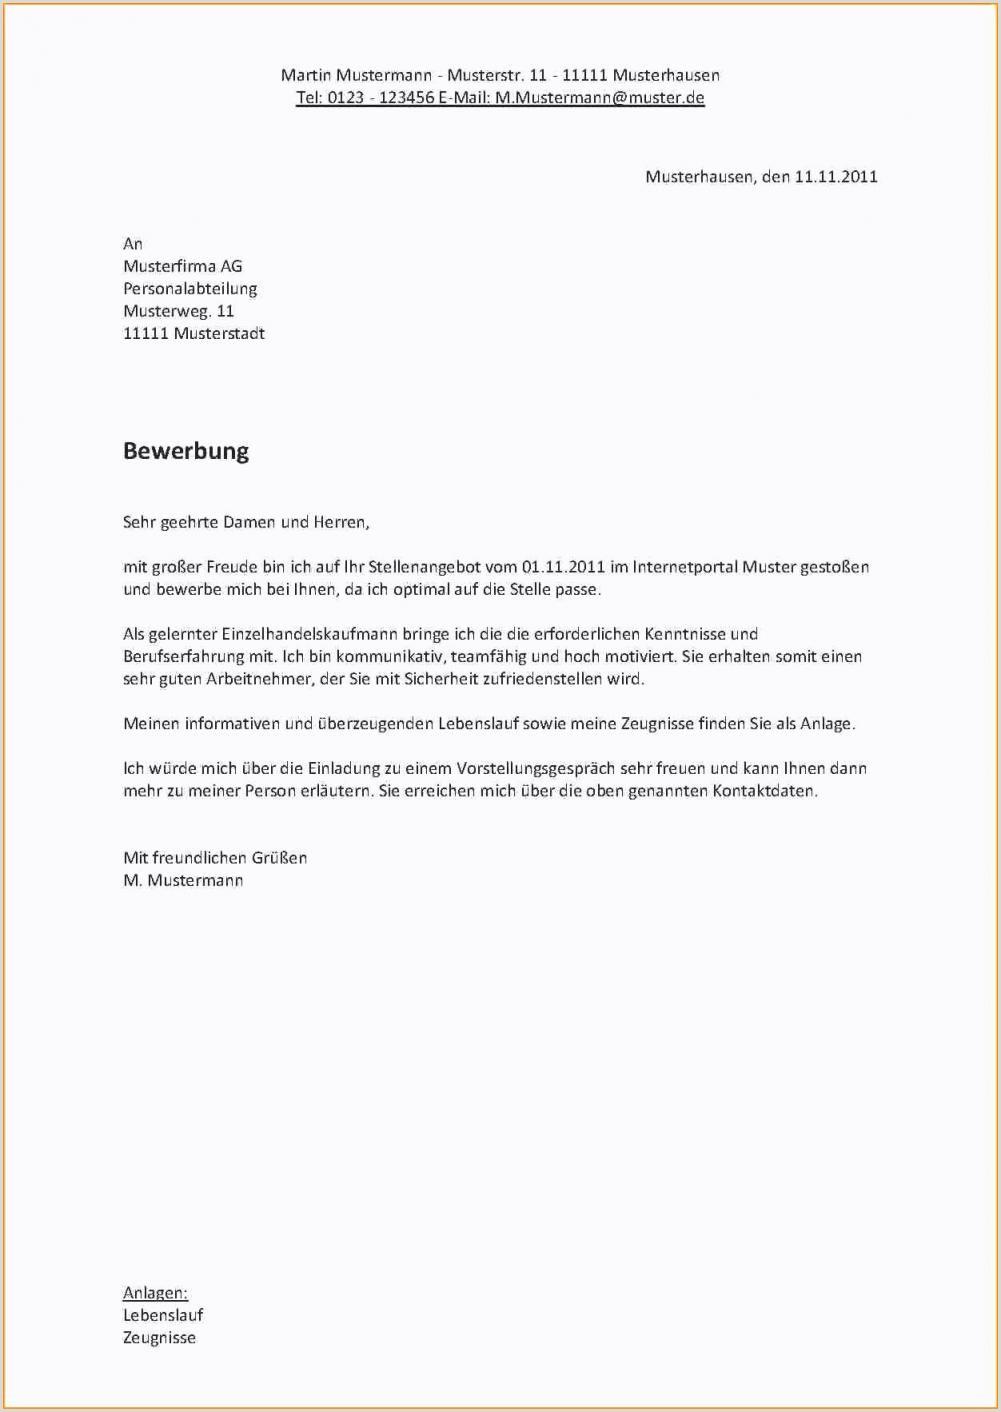 Lebenslauf Muster Pflegehelferin Lebenslauf Schreiben Lassen Hamburg Sammlungen Von 35